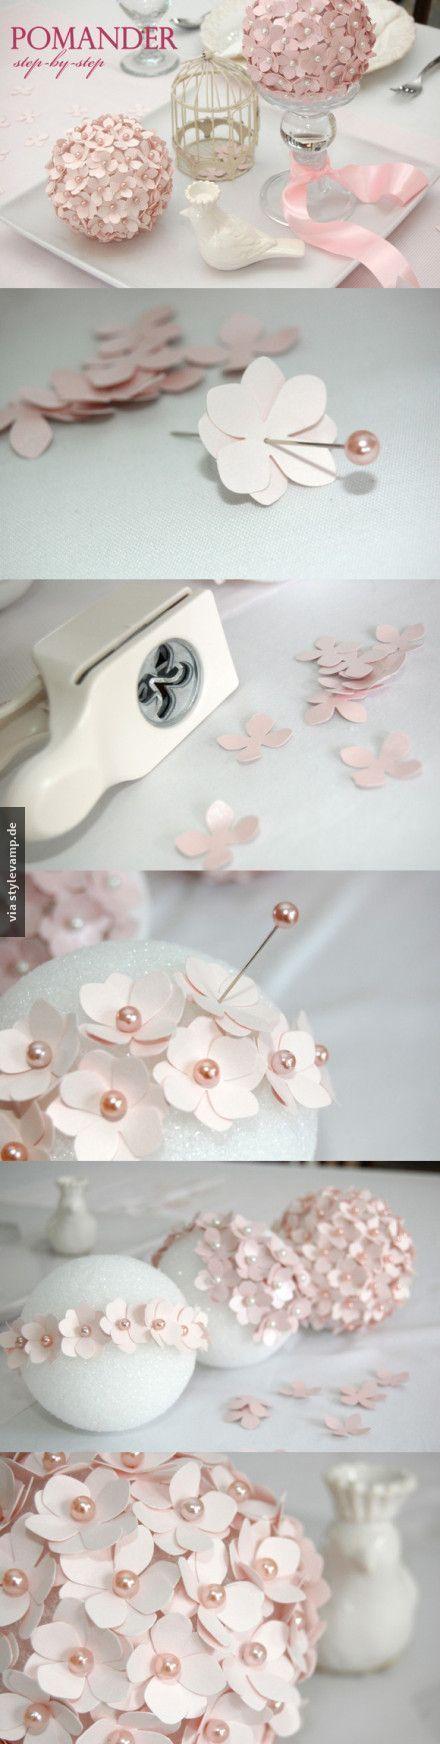 Blumen-Deko DIY mit Stecknadeln und viel Geduld für den Frühling.